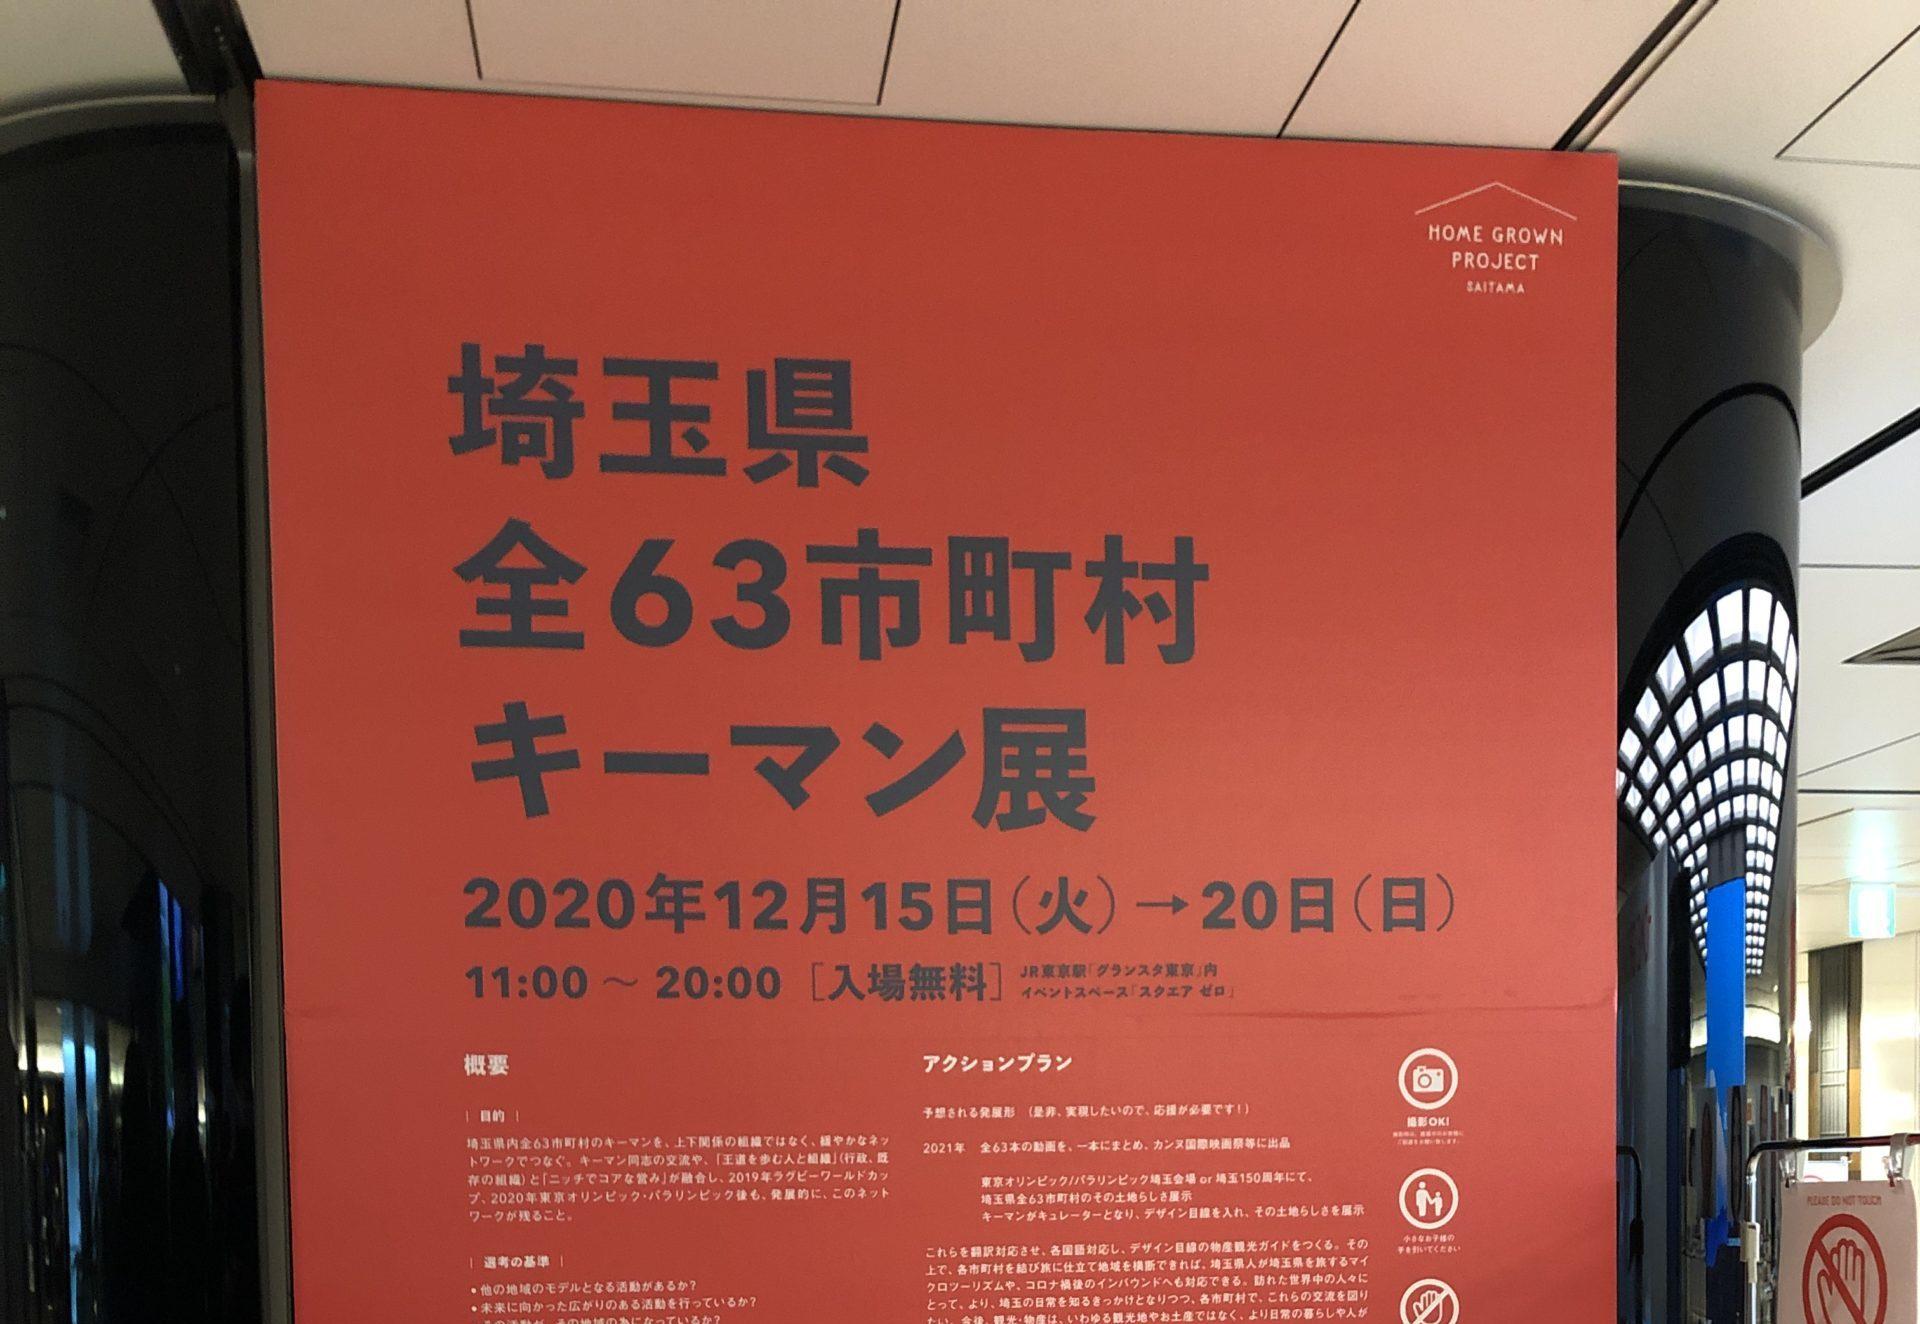 埼玉県全63市町村キーマン展